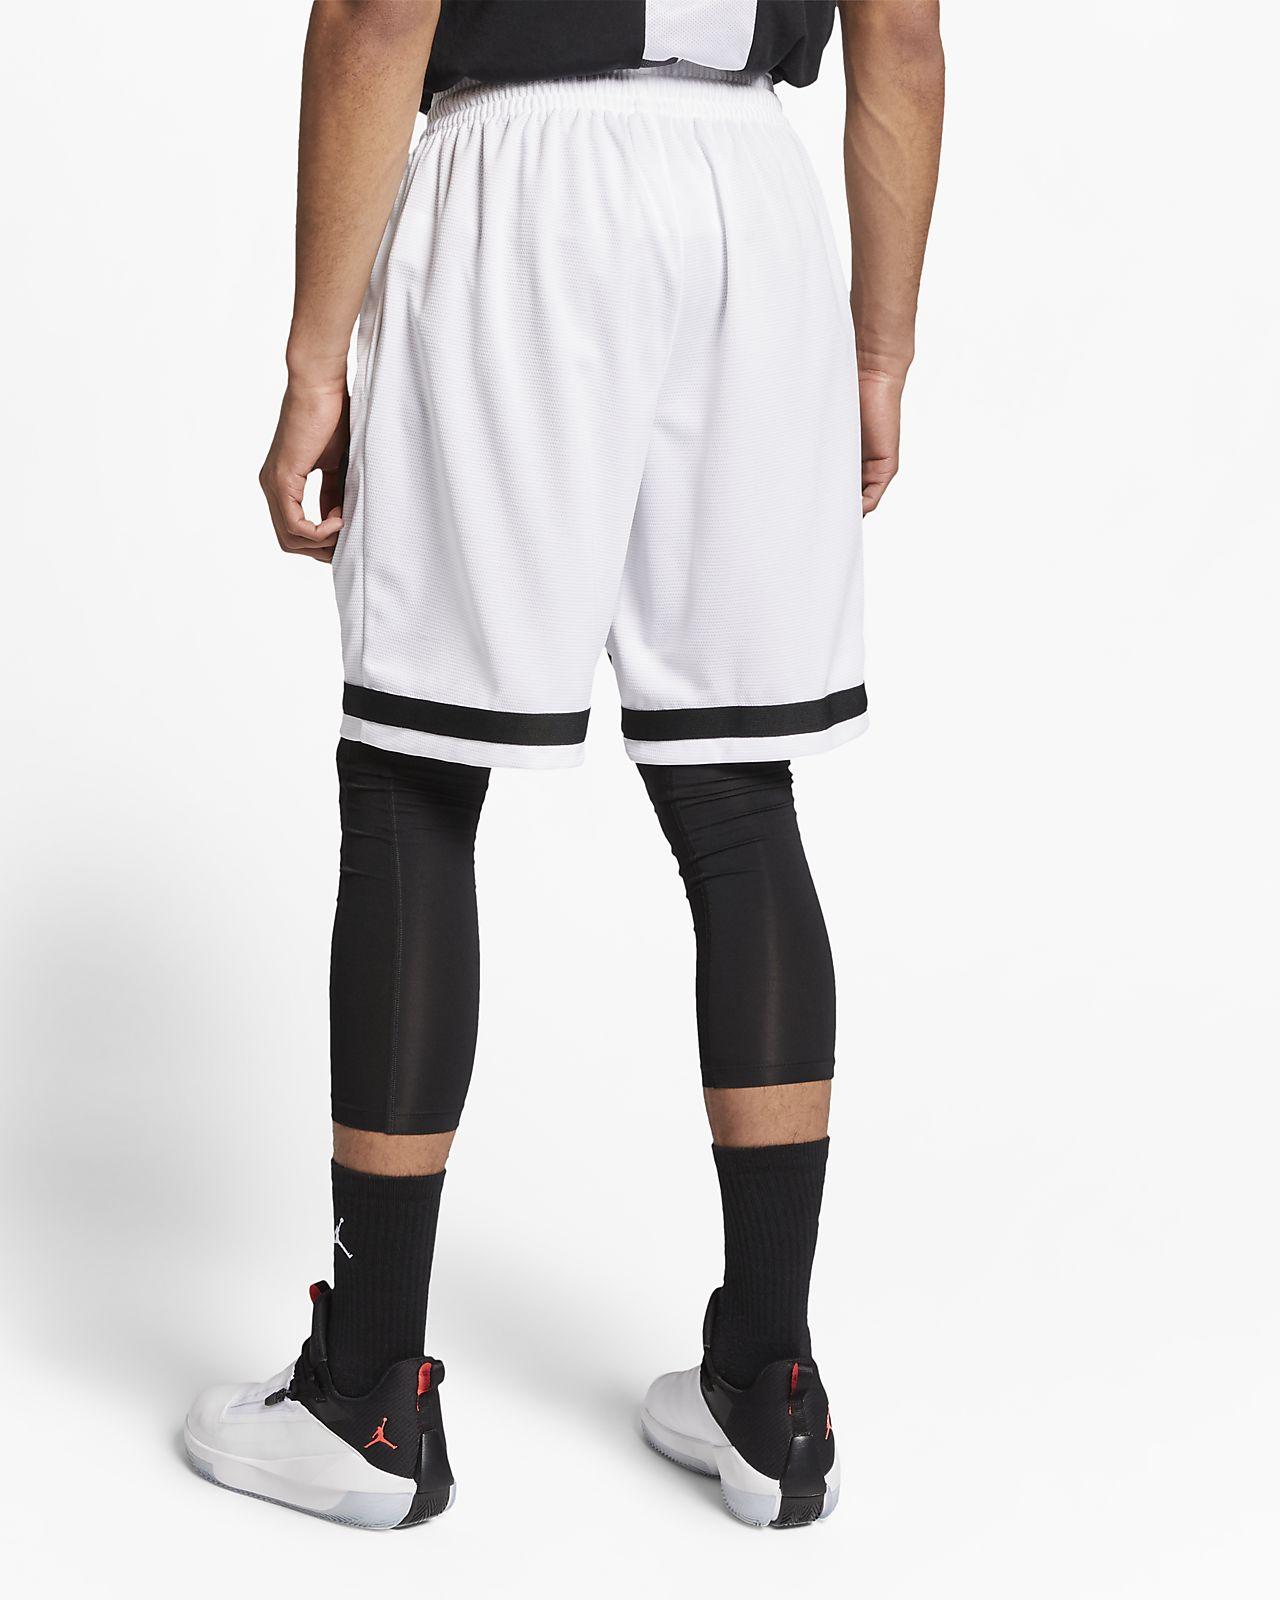 bc0d2cd55a7ce1 Jordan Dri-FIT Men s Taped Basketball Shorts. Nike.com